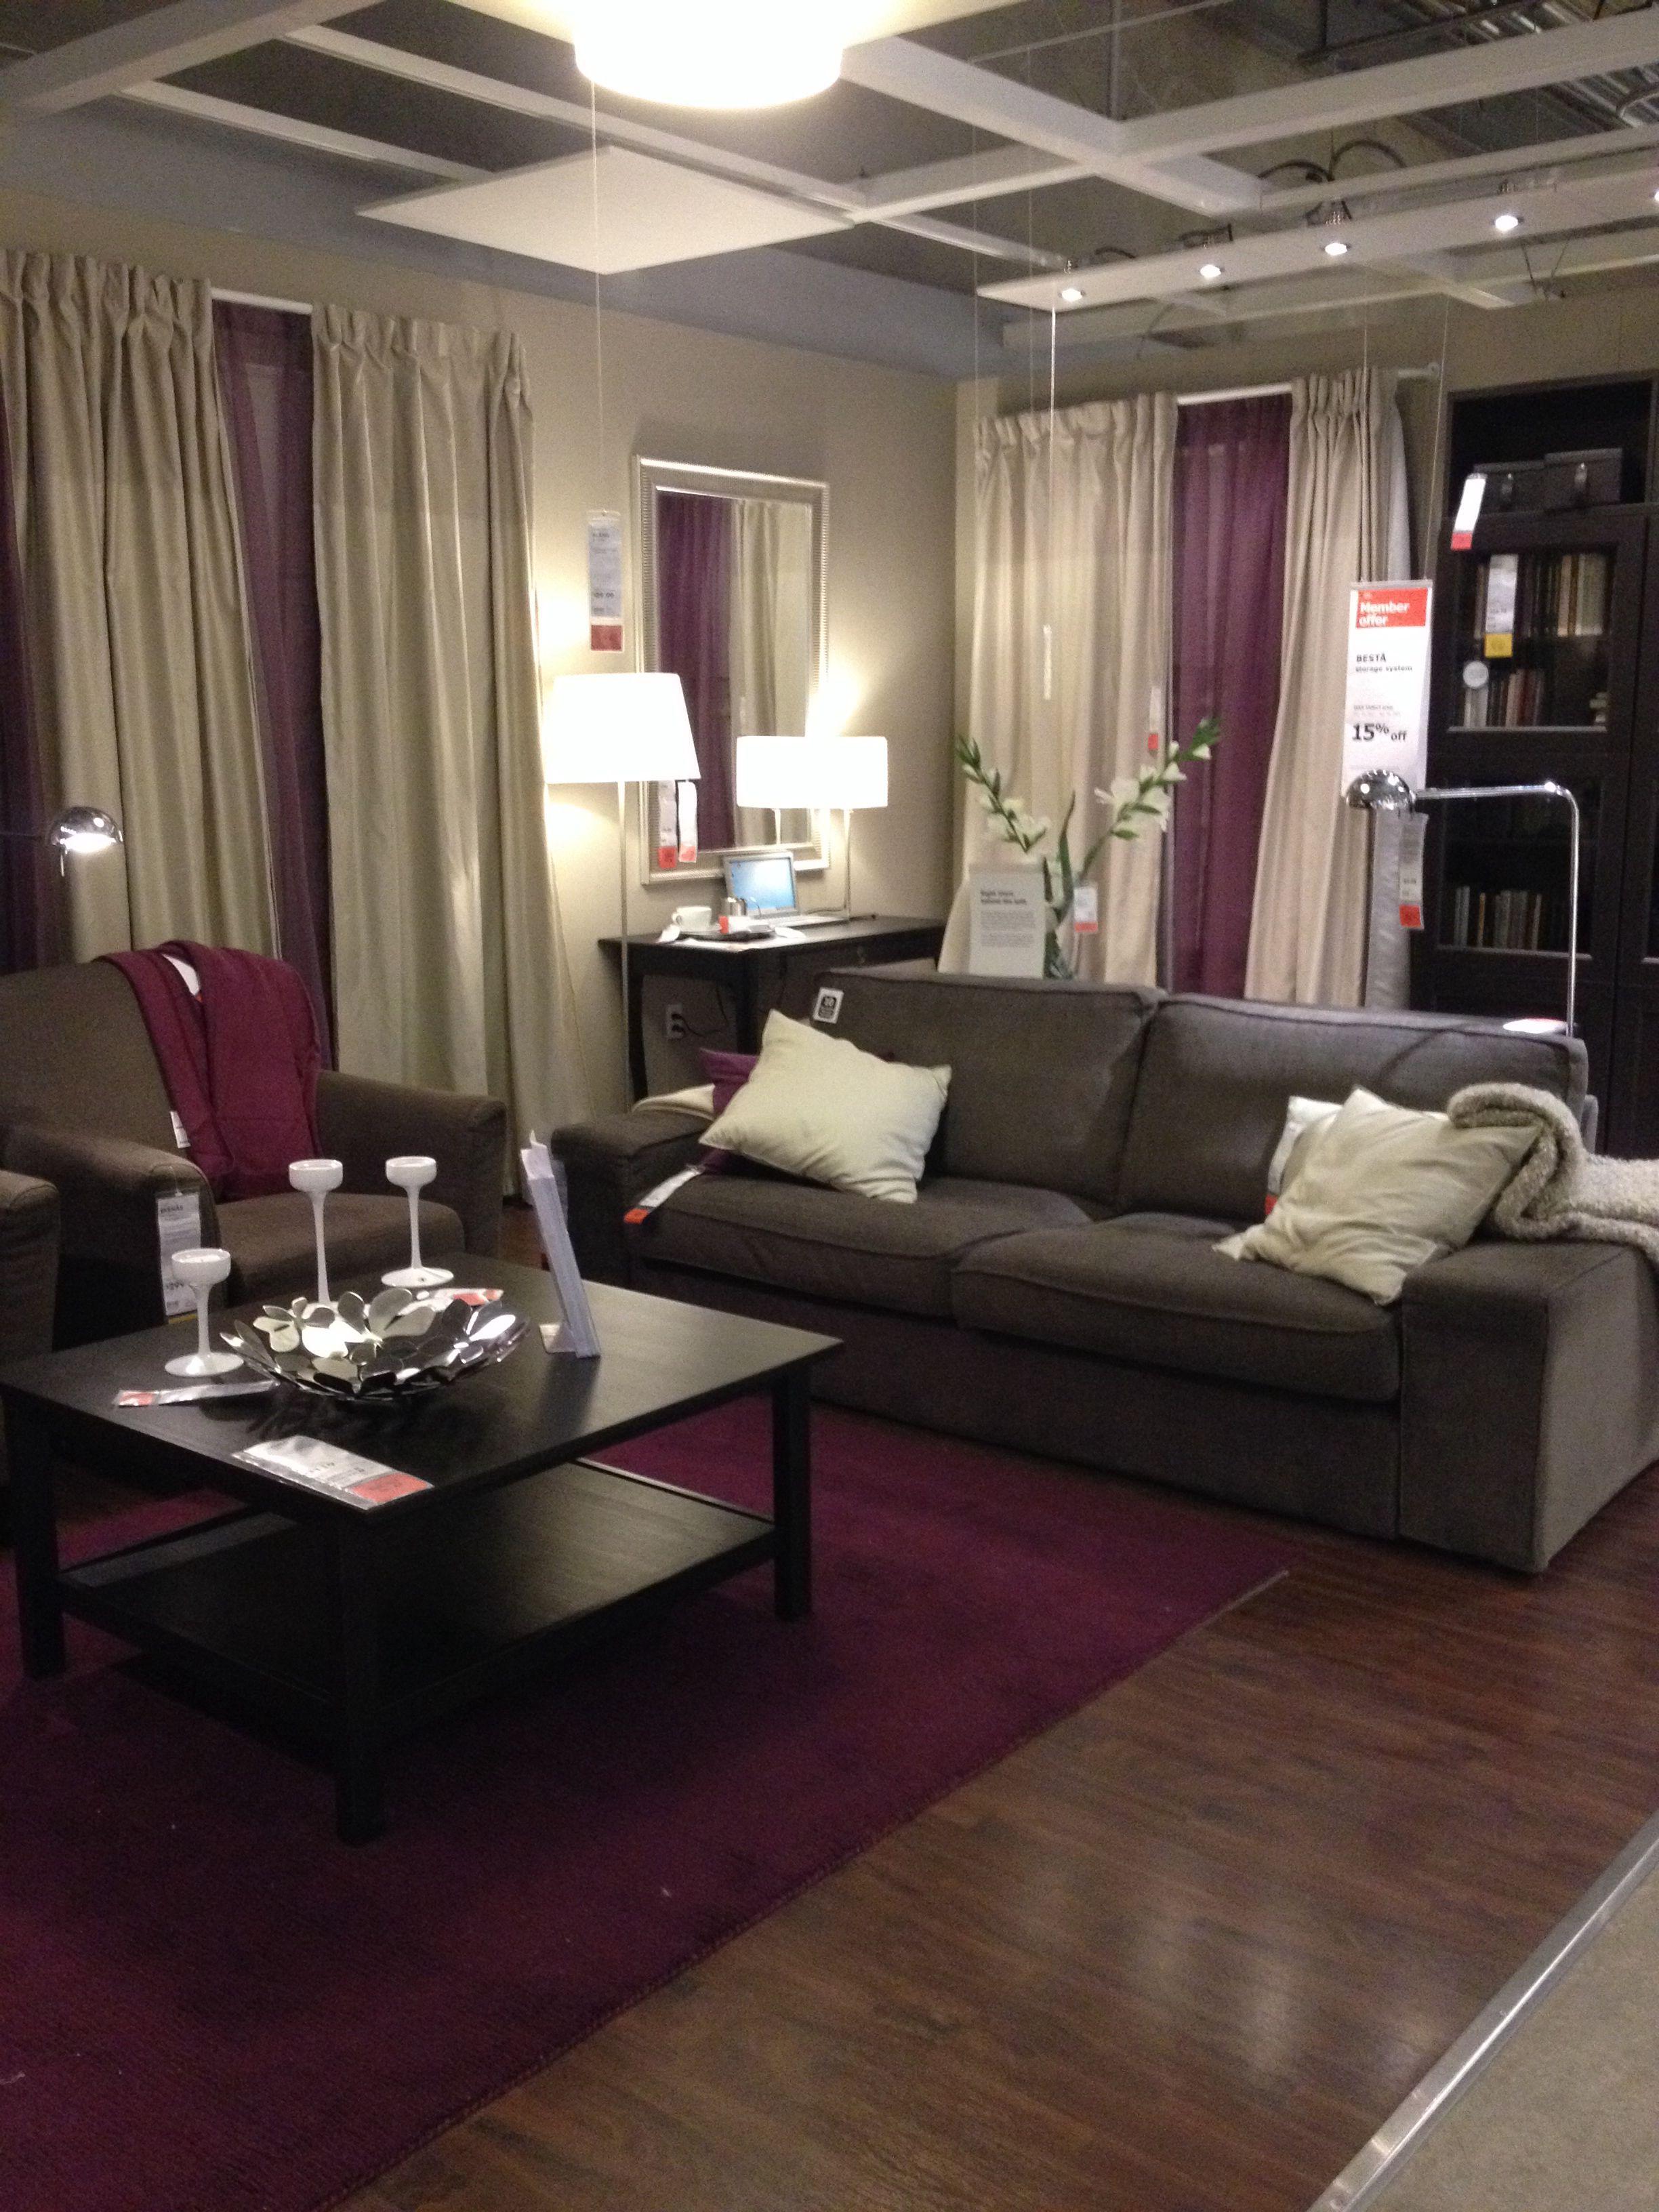 IKEA Purple Living Room